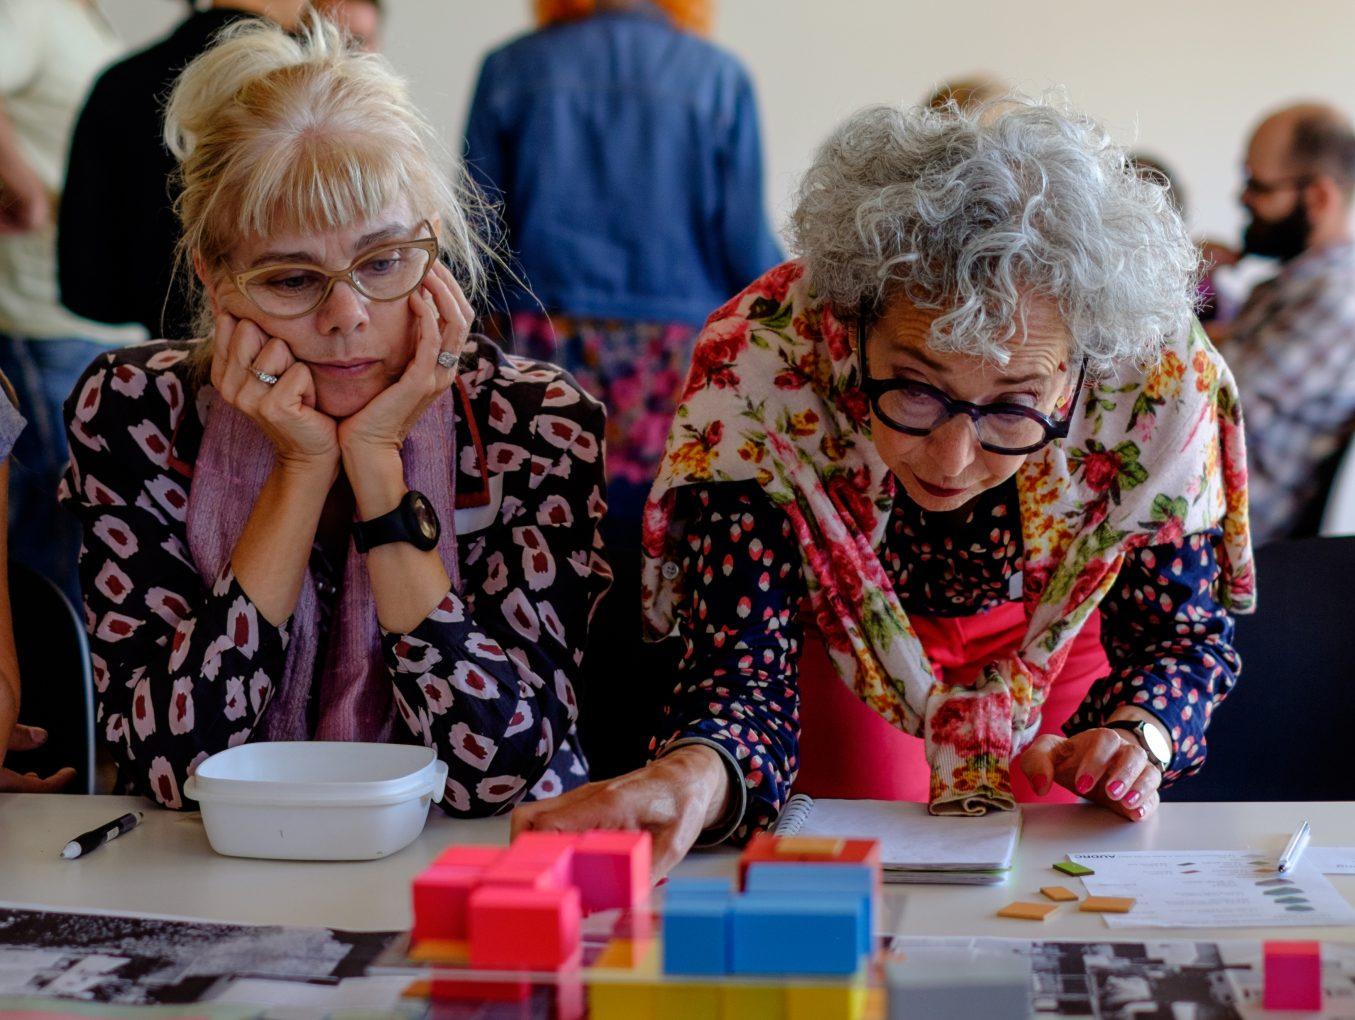 Citizen-led housing developments workshop - April 18